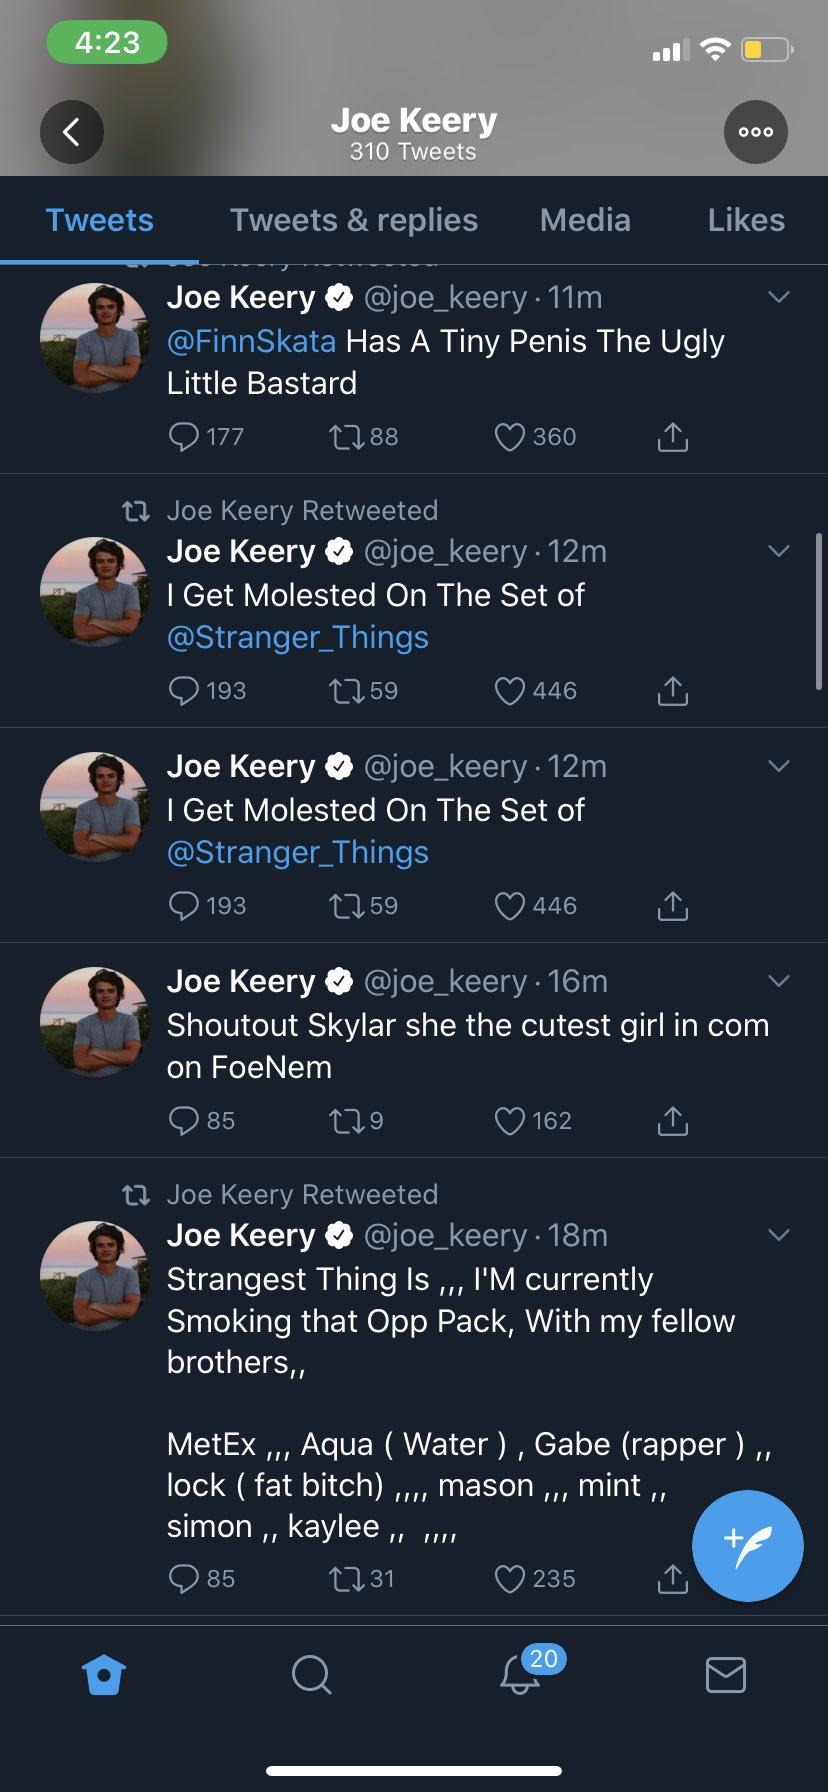 Joe Keery hacked tweet